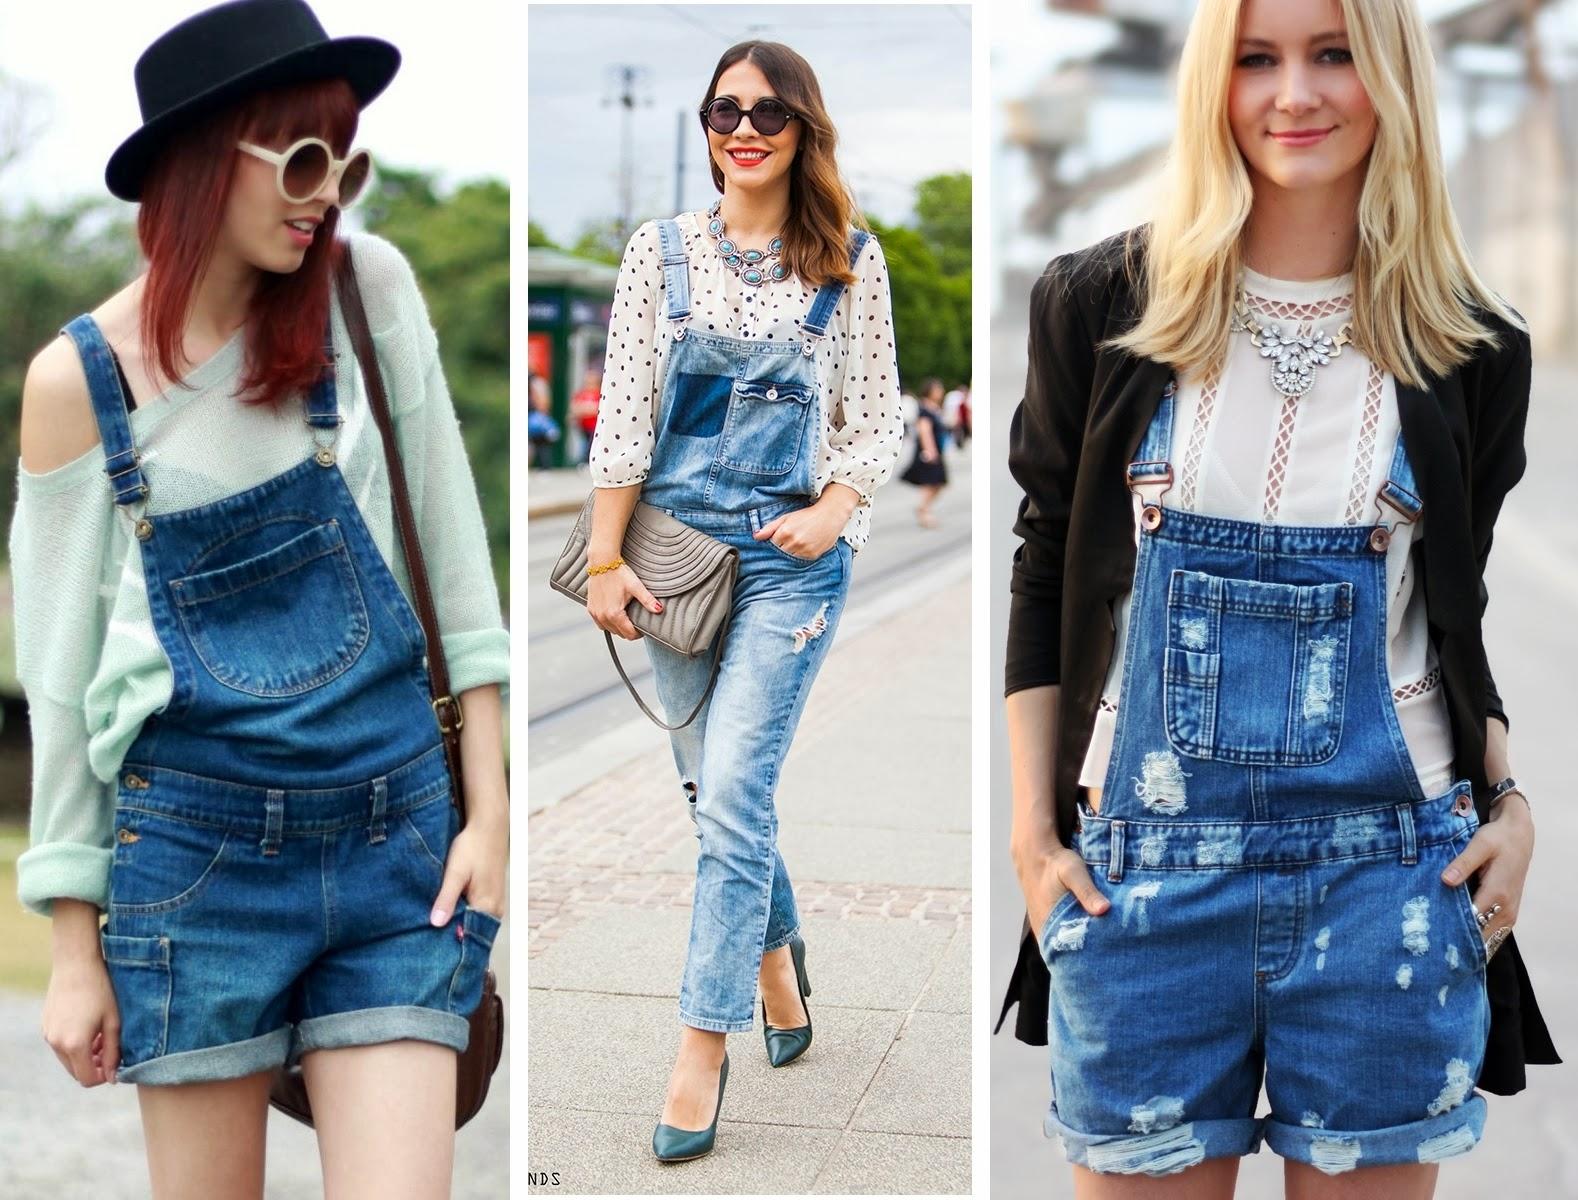 moda verão 2014 macacão jeans